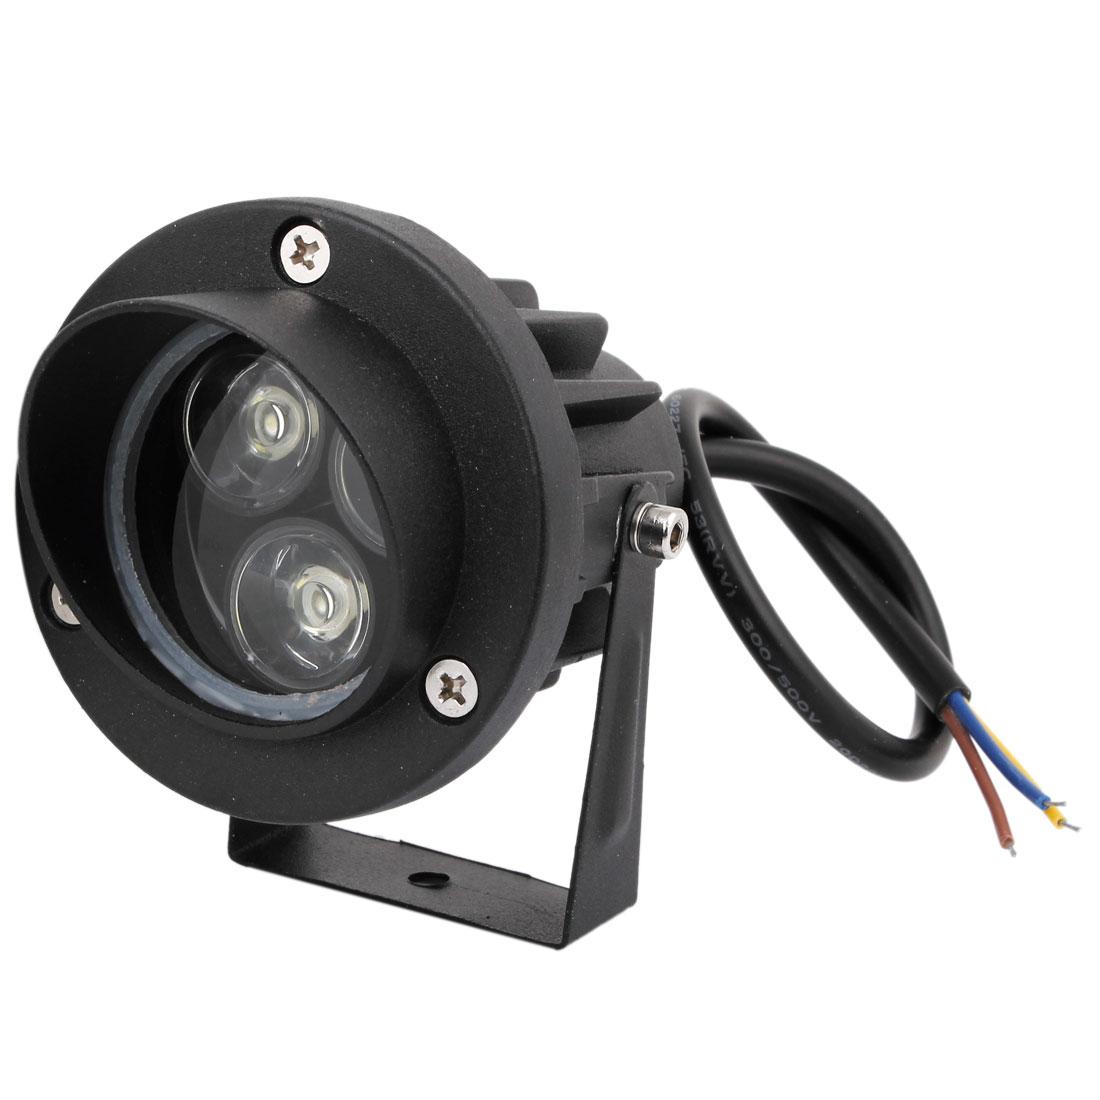 AC 85-265V 6W 3x2W High Power White Light Aluminum Housing Garden Lawn Spotlight Lamp